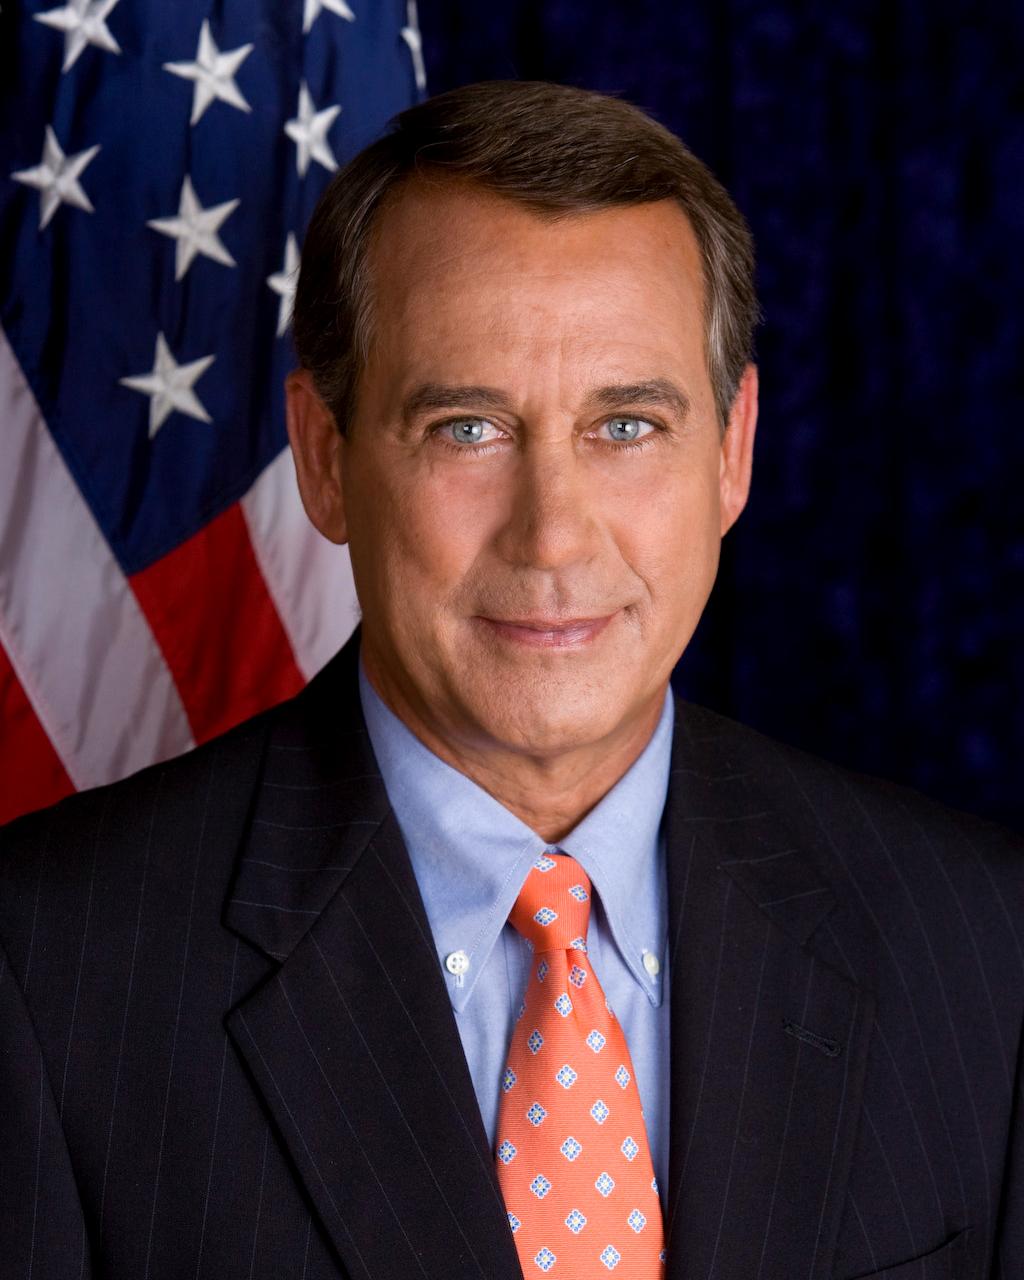 John Boehner Mascara